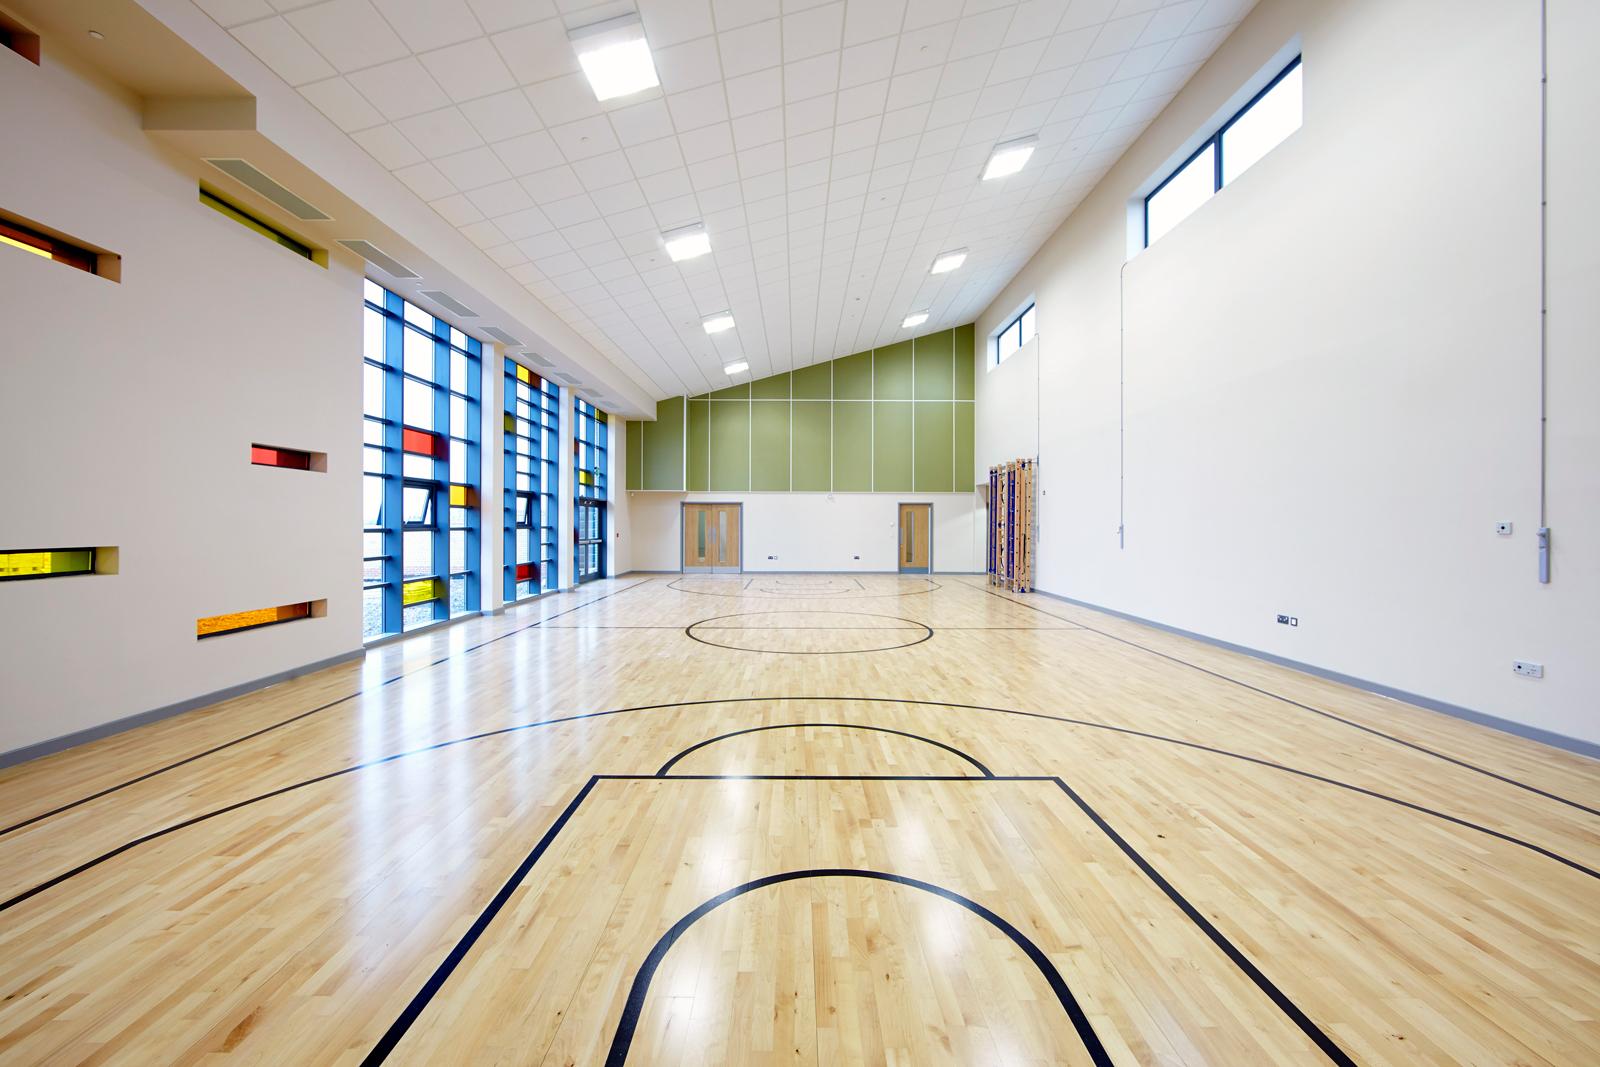 Ely Primary School